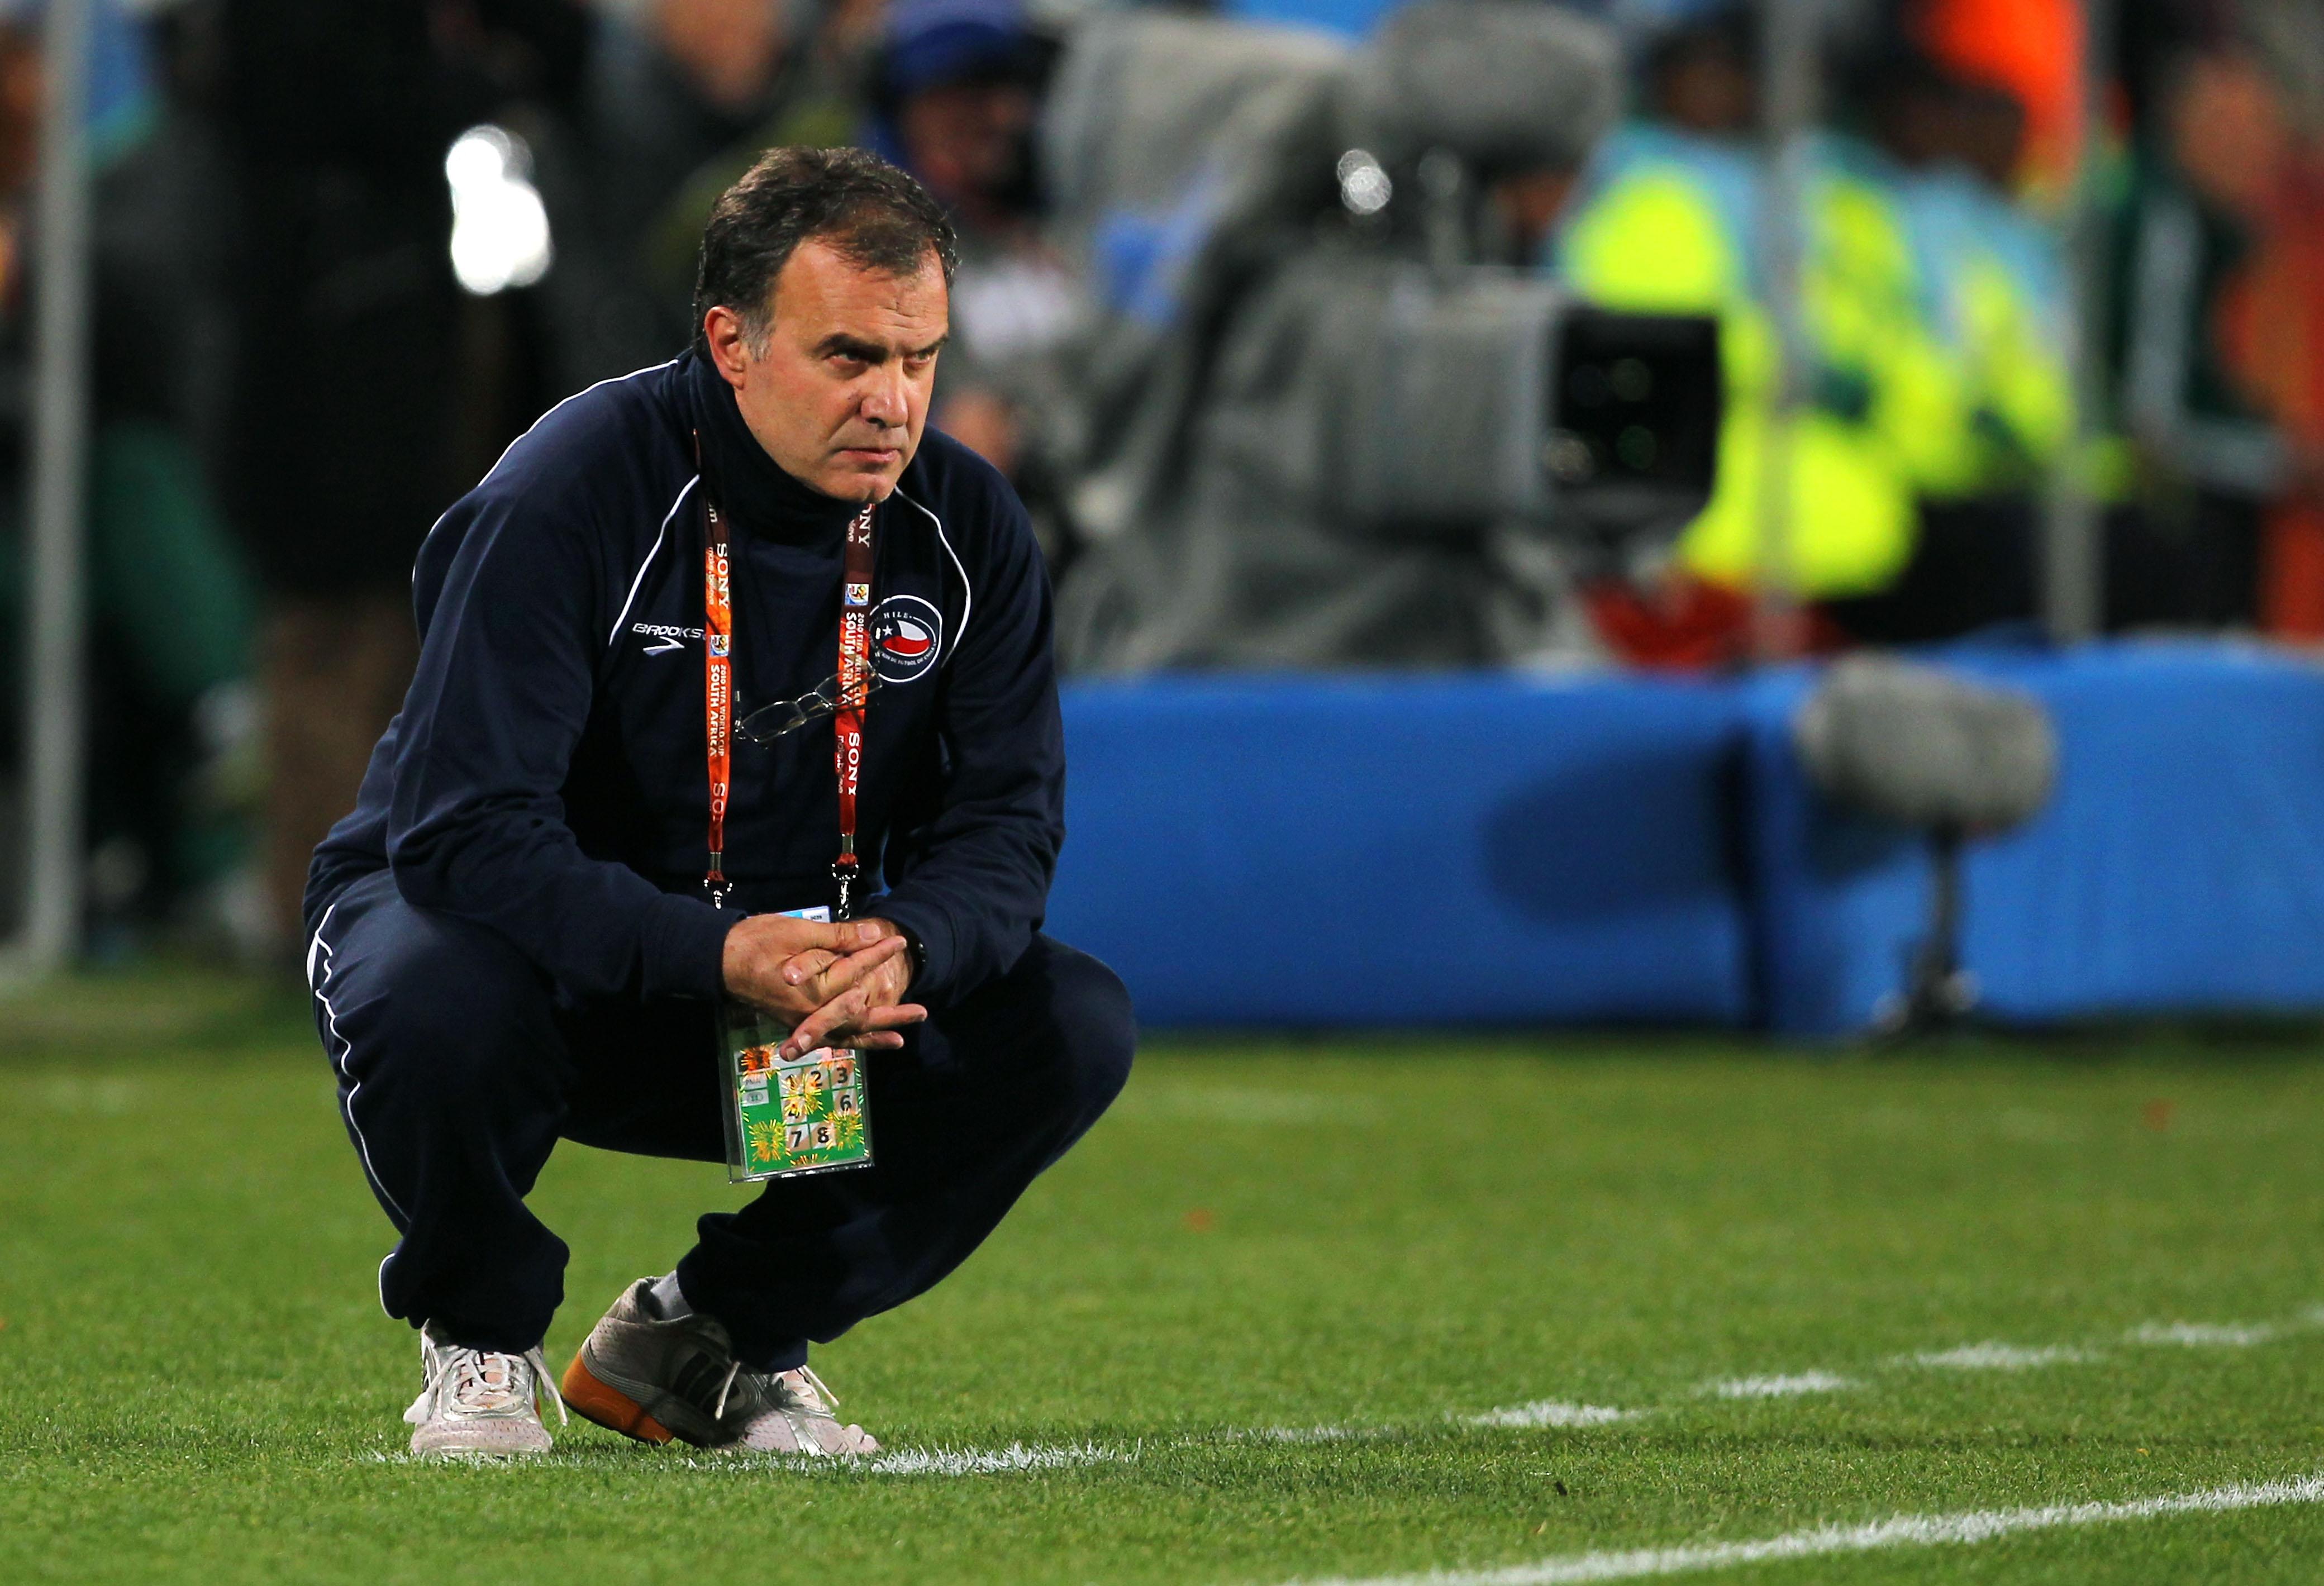 A menos de una semana como nuevo técnico, Bielsa renuncia a la Lazio y será demandado